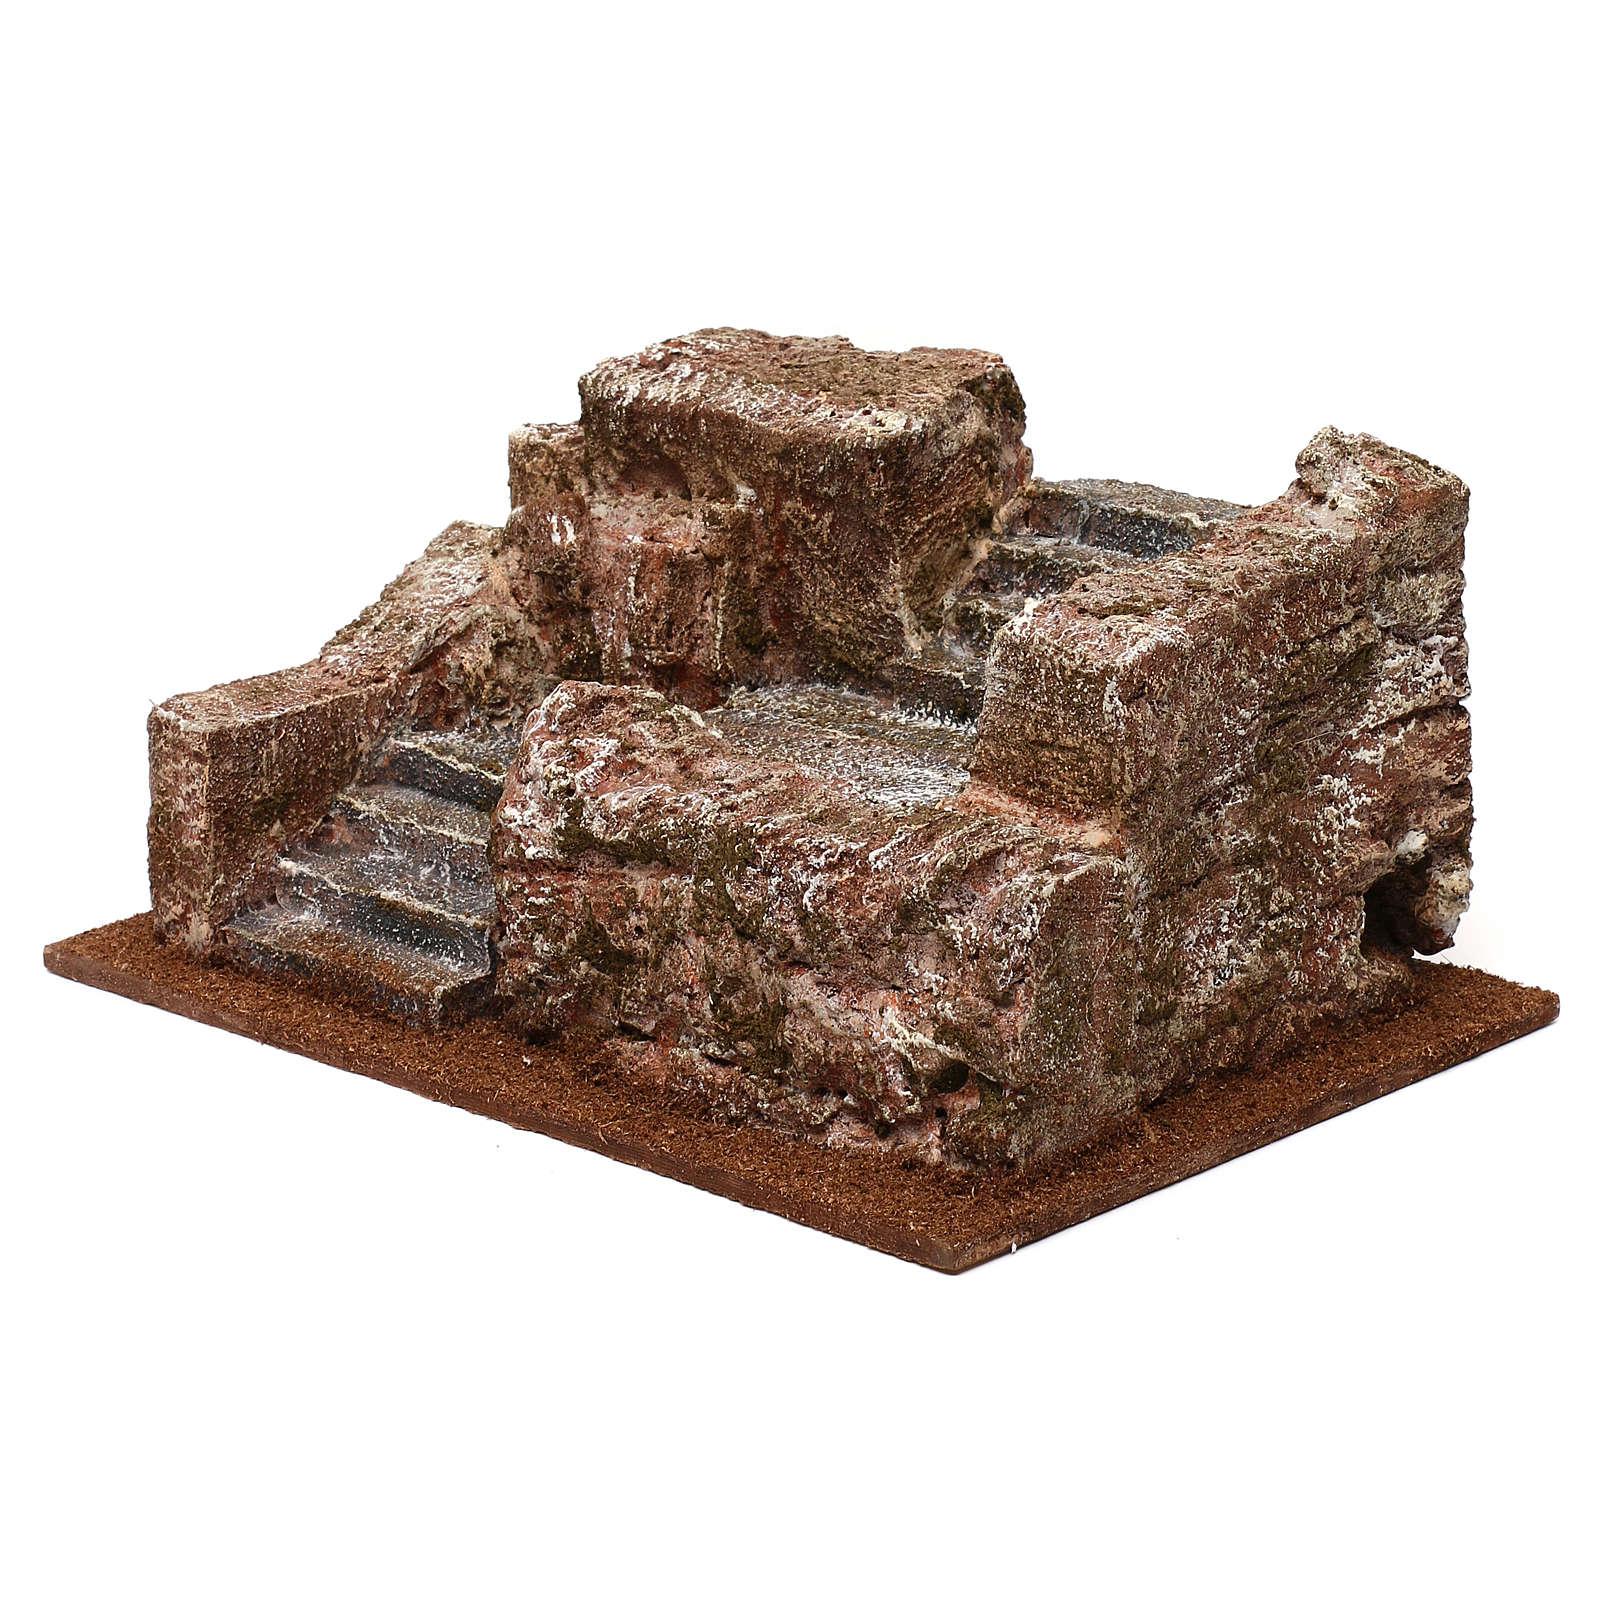 Schody typu w skale szopka 10x25x15 cm 4